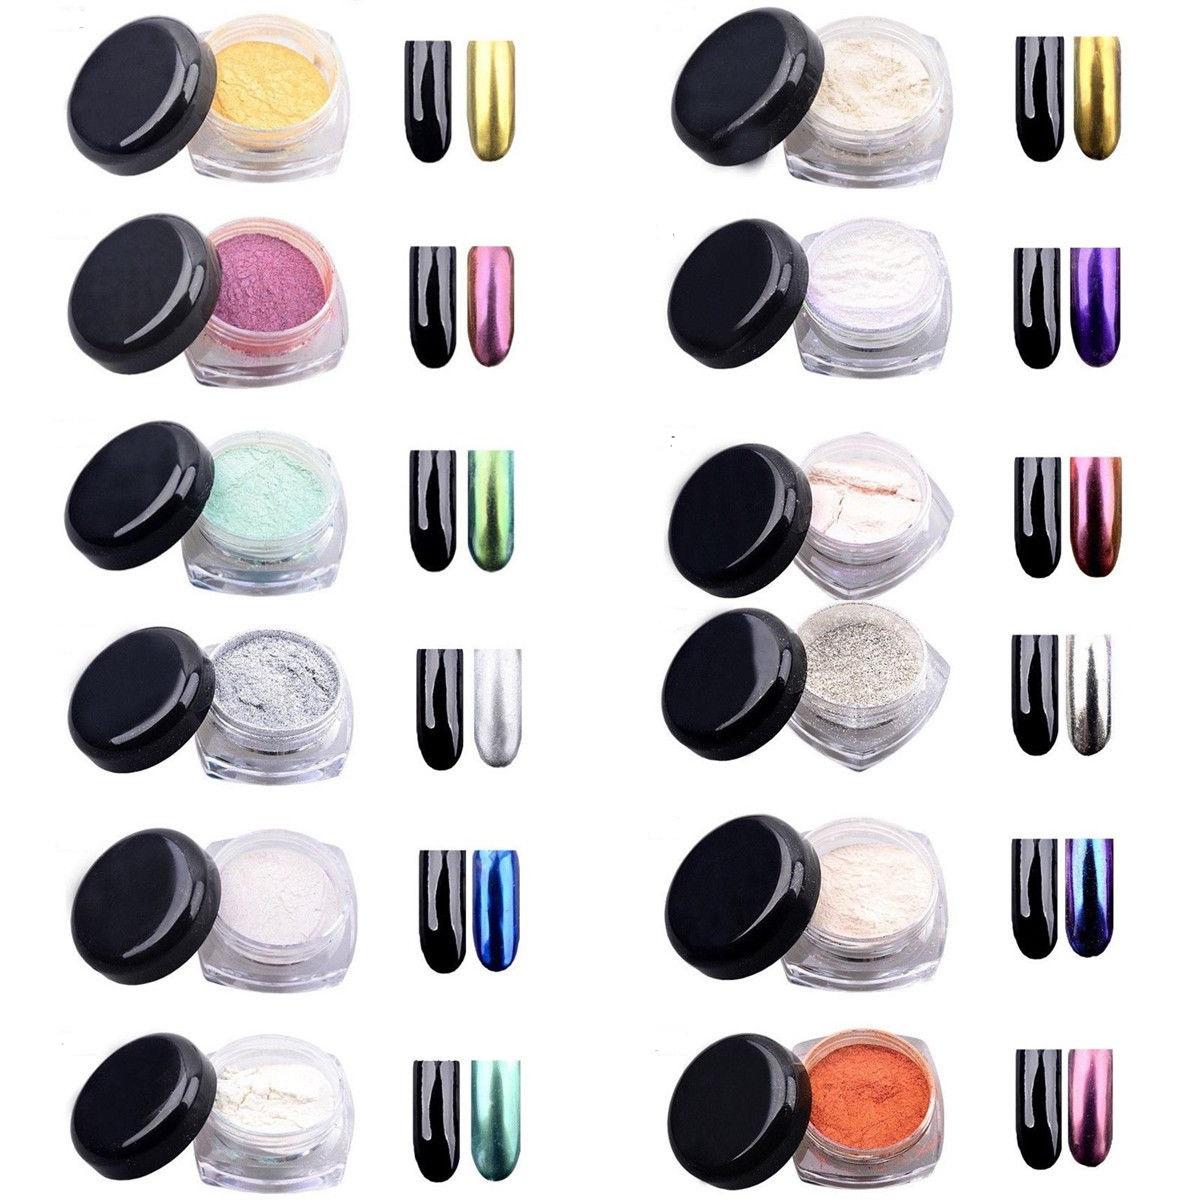 Mirror Chrome/Glitter Pigment